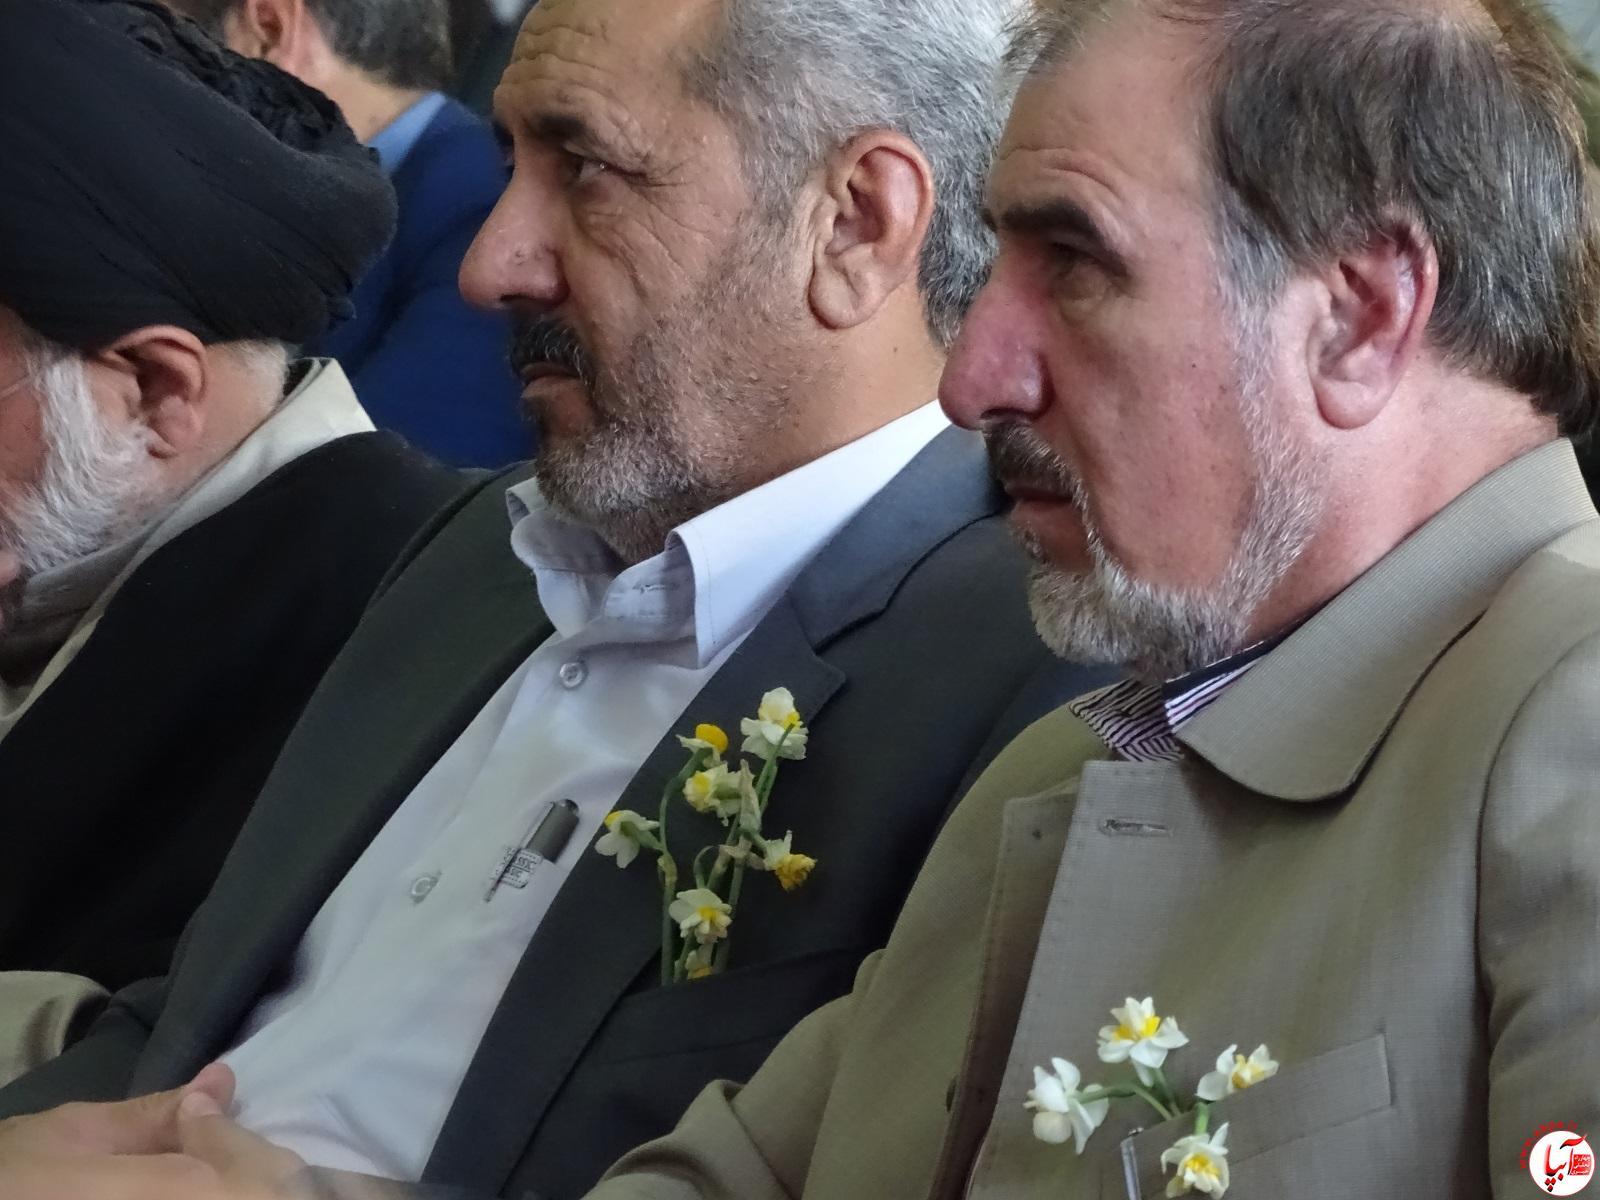 DSC09907 حسینیه اعظم قدس شرمنده ی حضور مردم شد/گزارش تصویری شماره 1 از جشن روز فراشبند